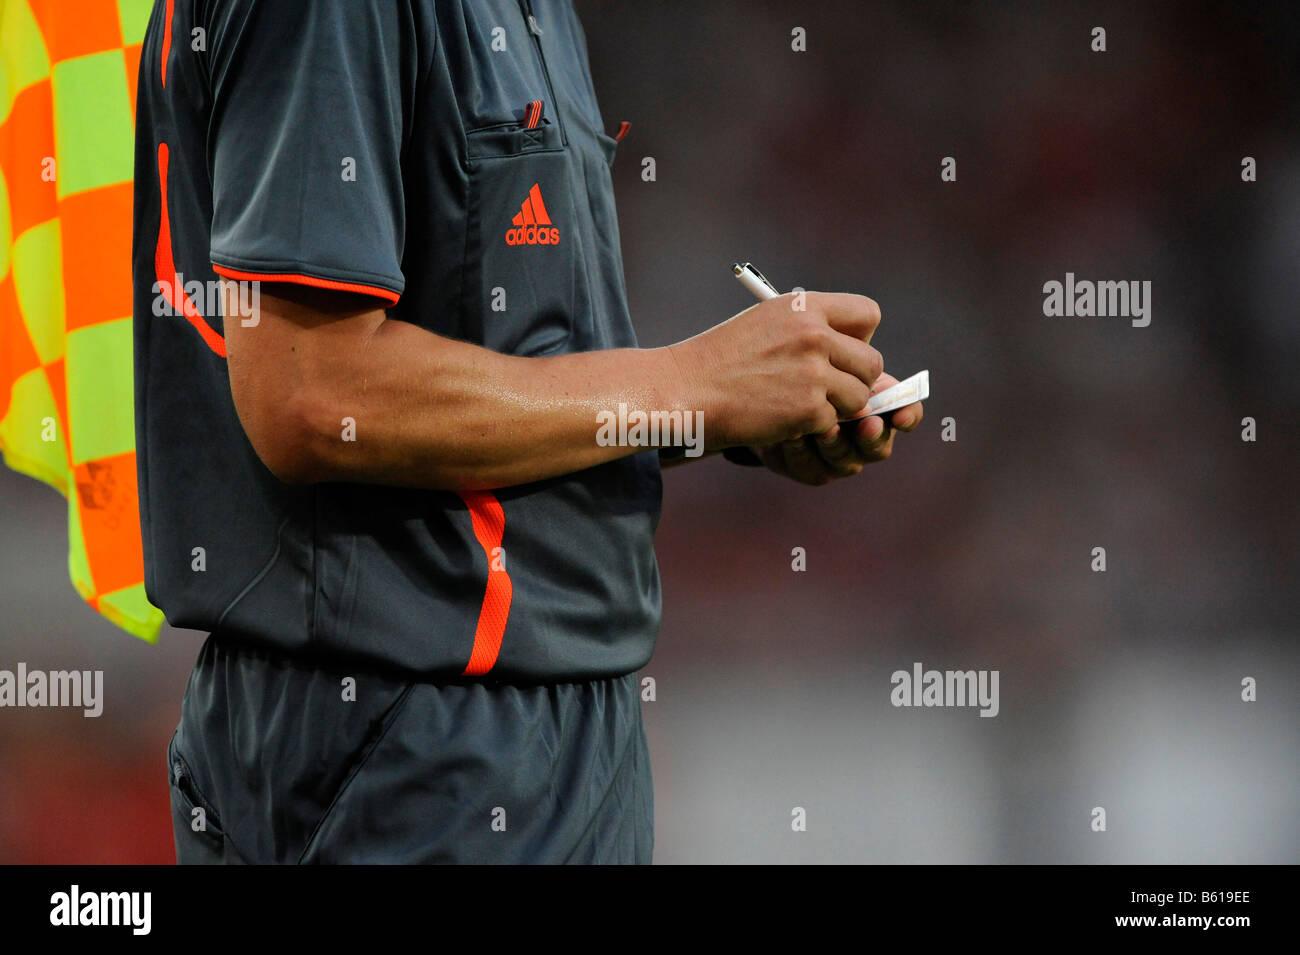 Linienrichter ein Foul in seinem Notizbuch während eines Fußballspiels in Anbetracht Stockbild